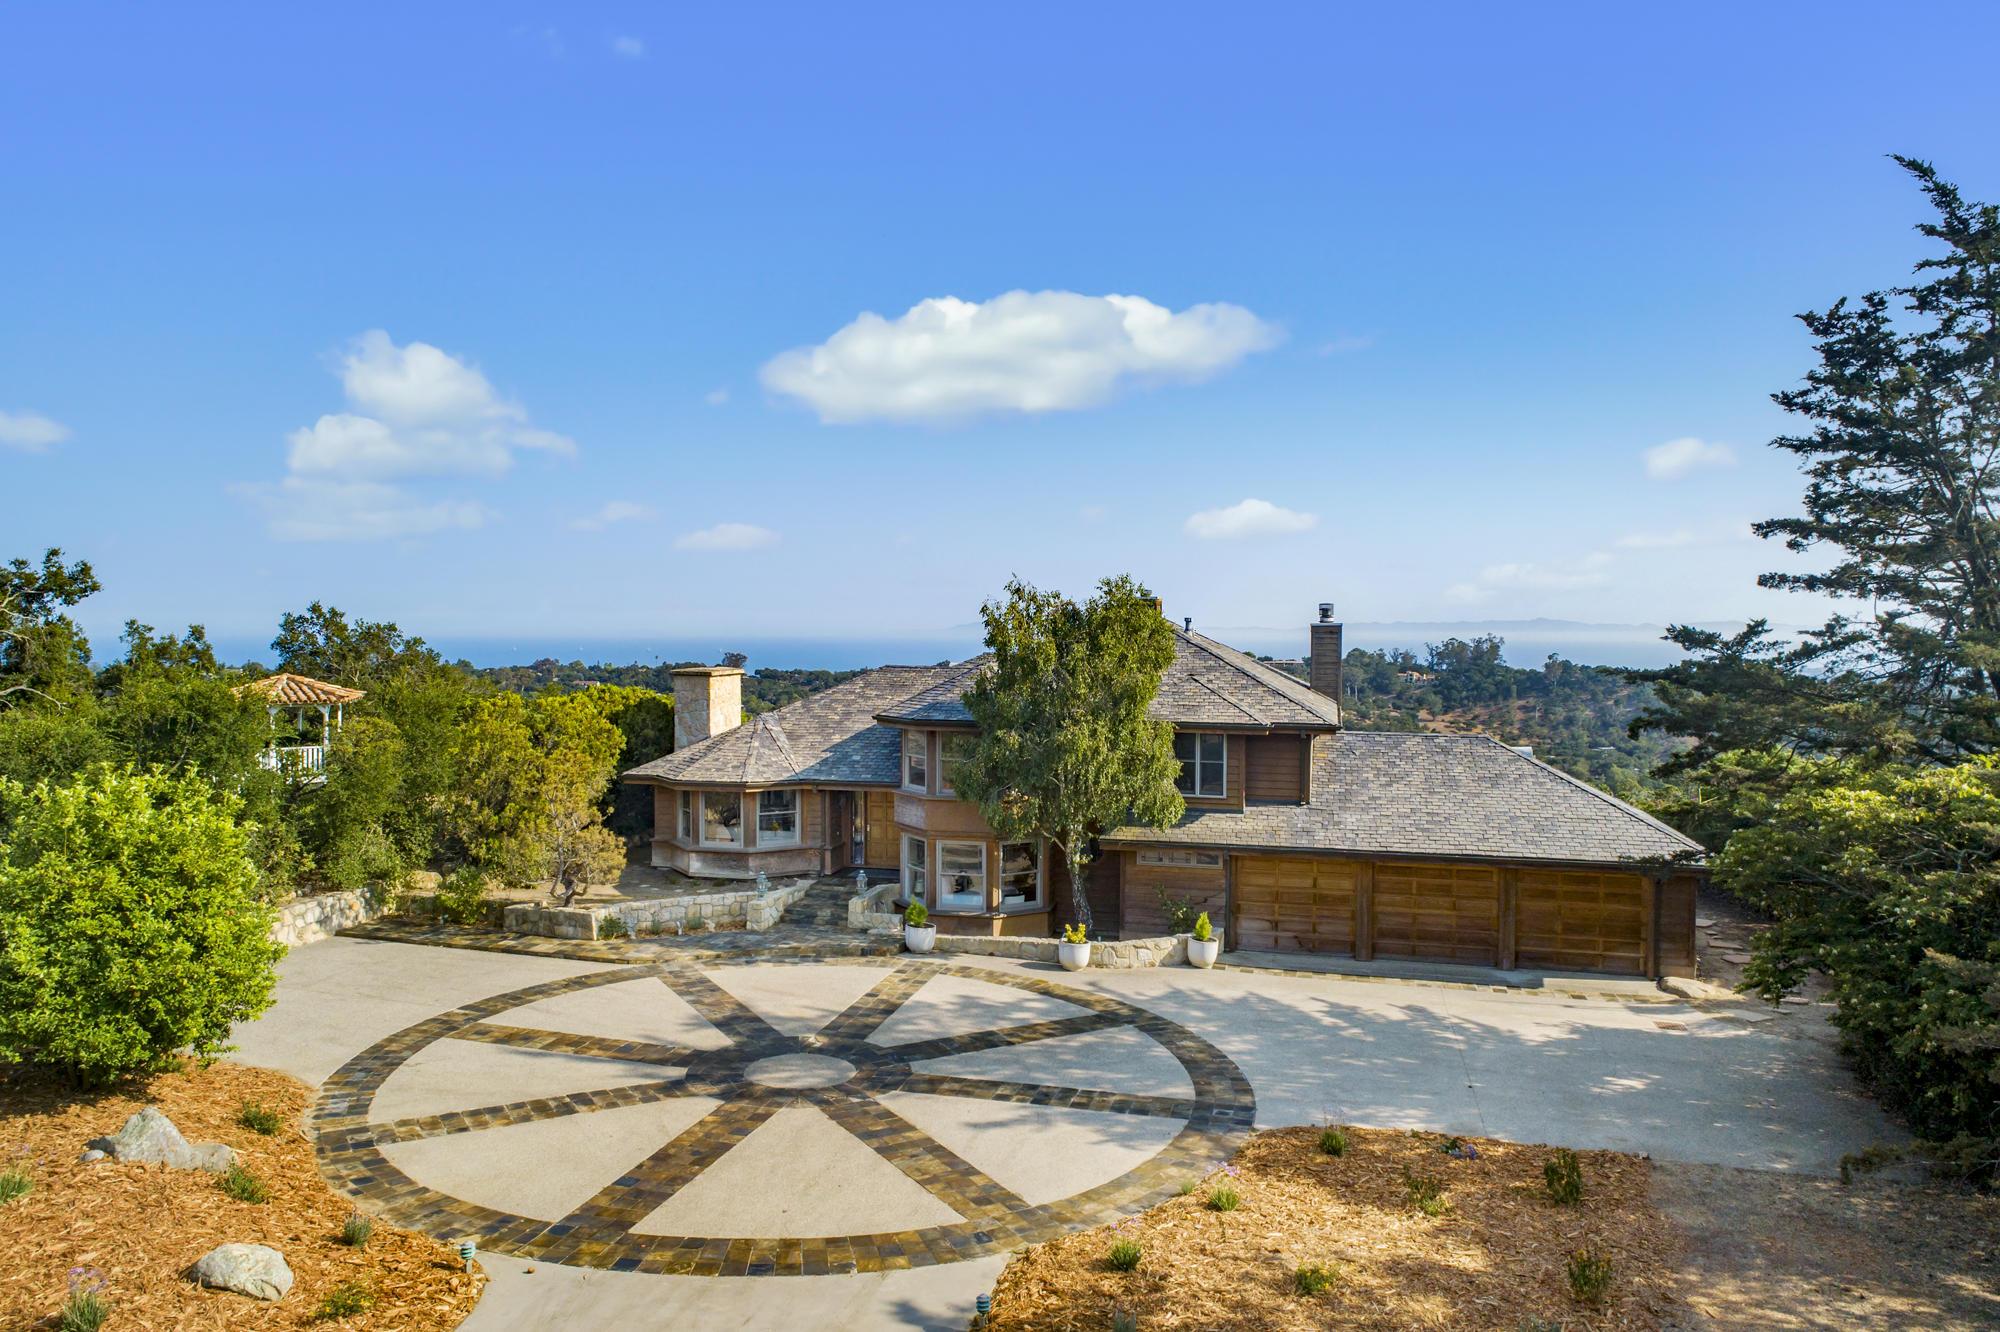 Property photo for 1696 Las Canoas Rd Santa Barbara, California 93105 - 18-3161